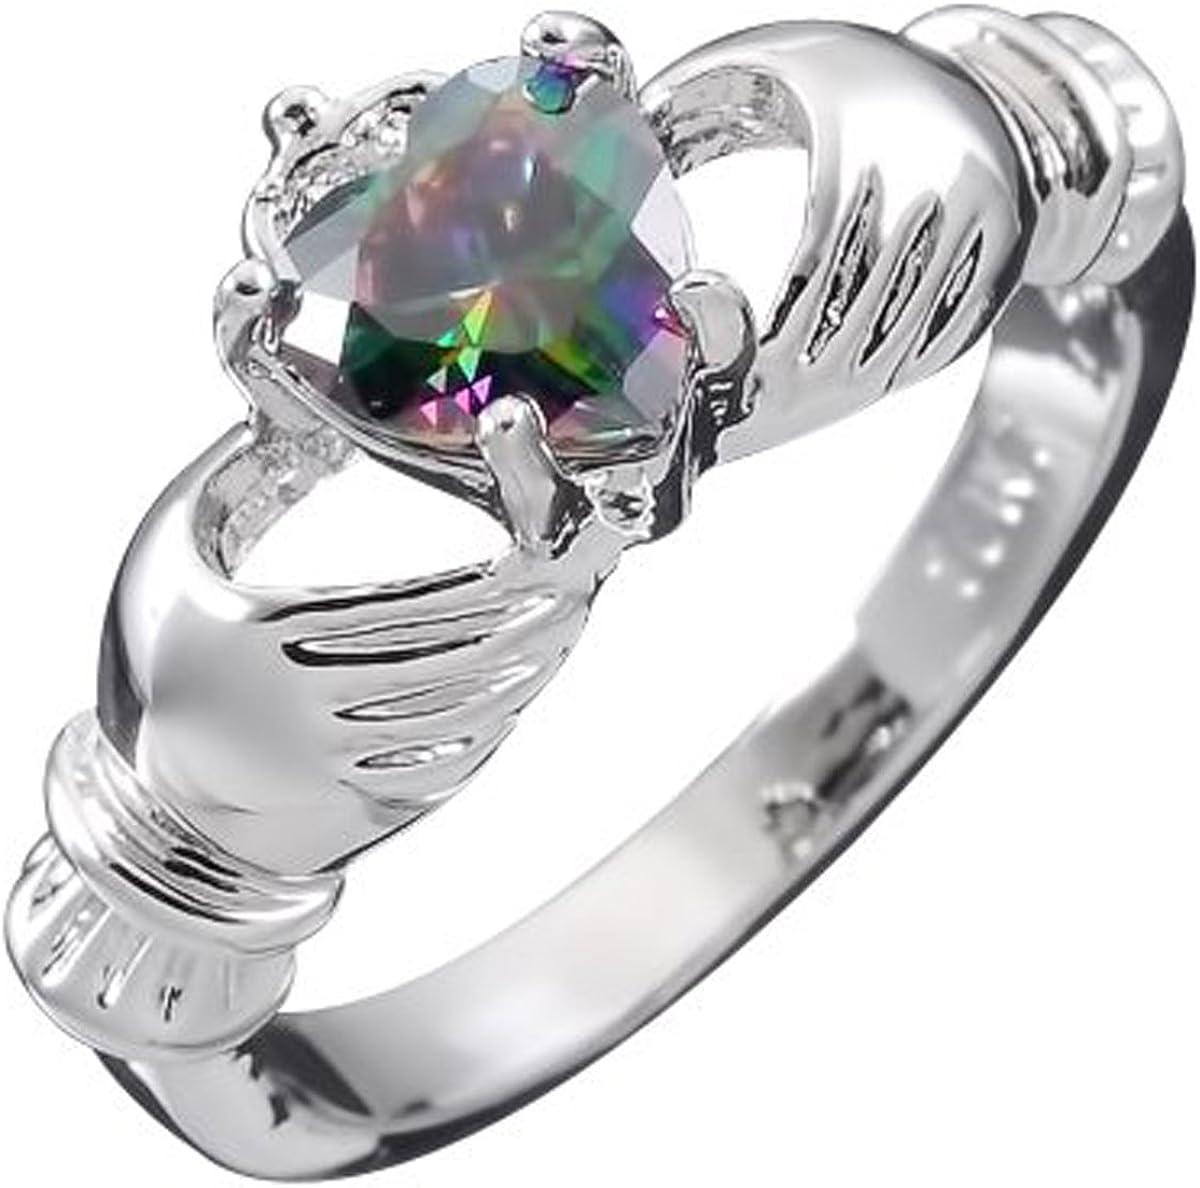 GWG Jewellery Anillos Mujer Regalo Anillo de Claddagh Plata de Ley Dos Manos Que Rodean Corazón de Circonita de Color Topacio Iris con Corona para Mujeres